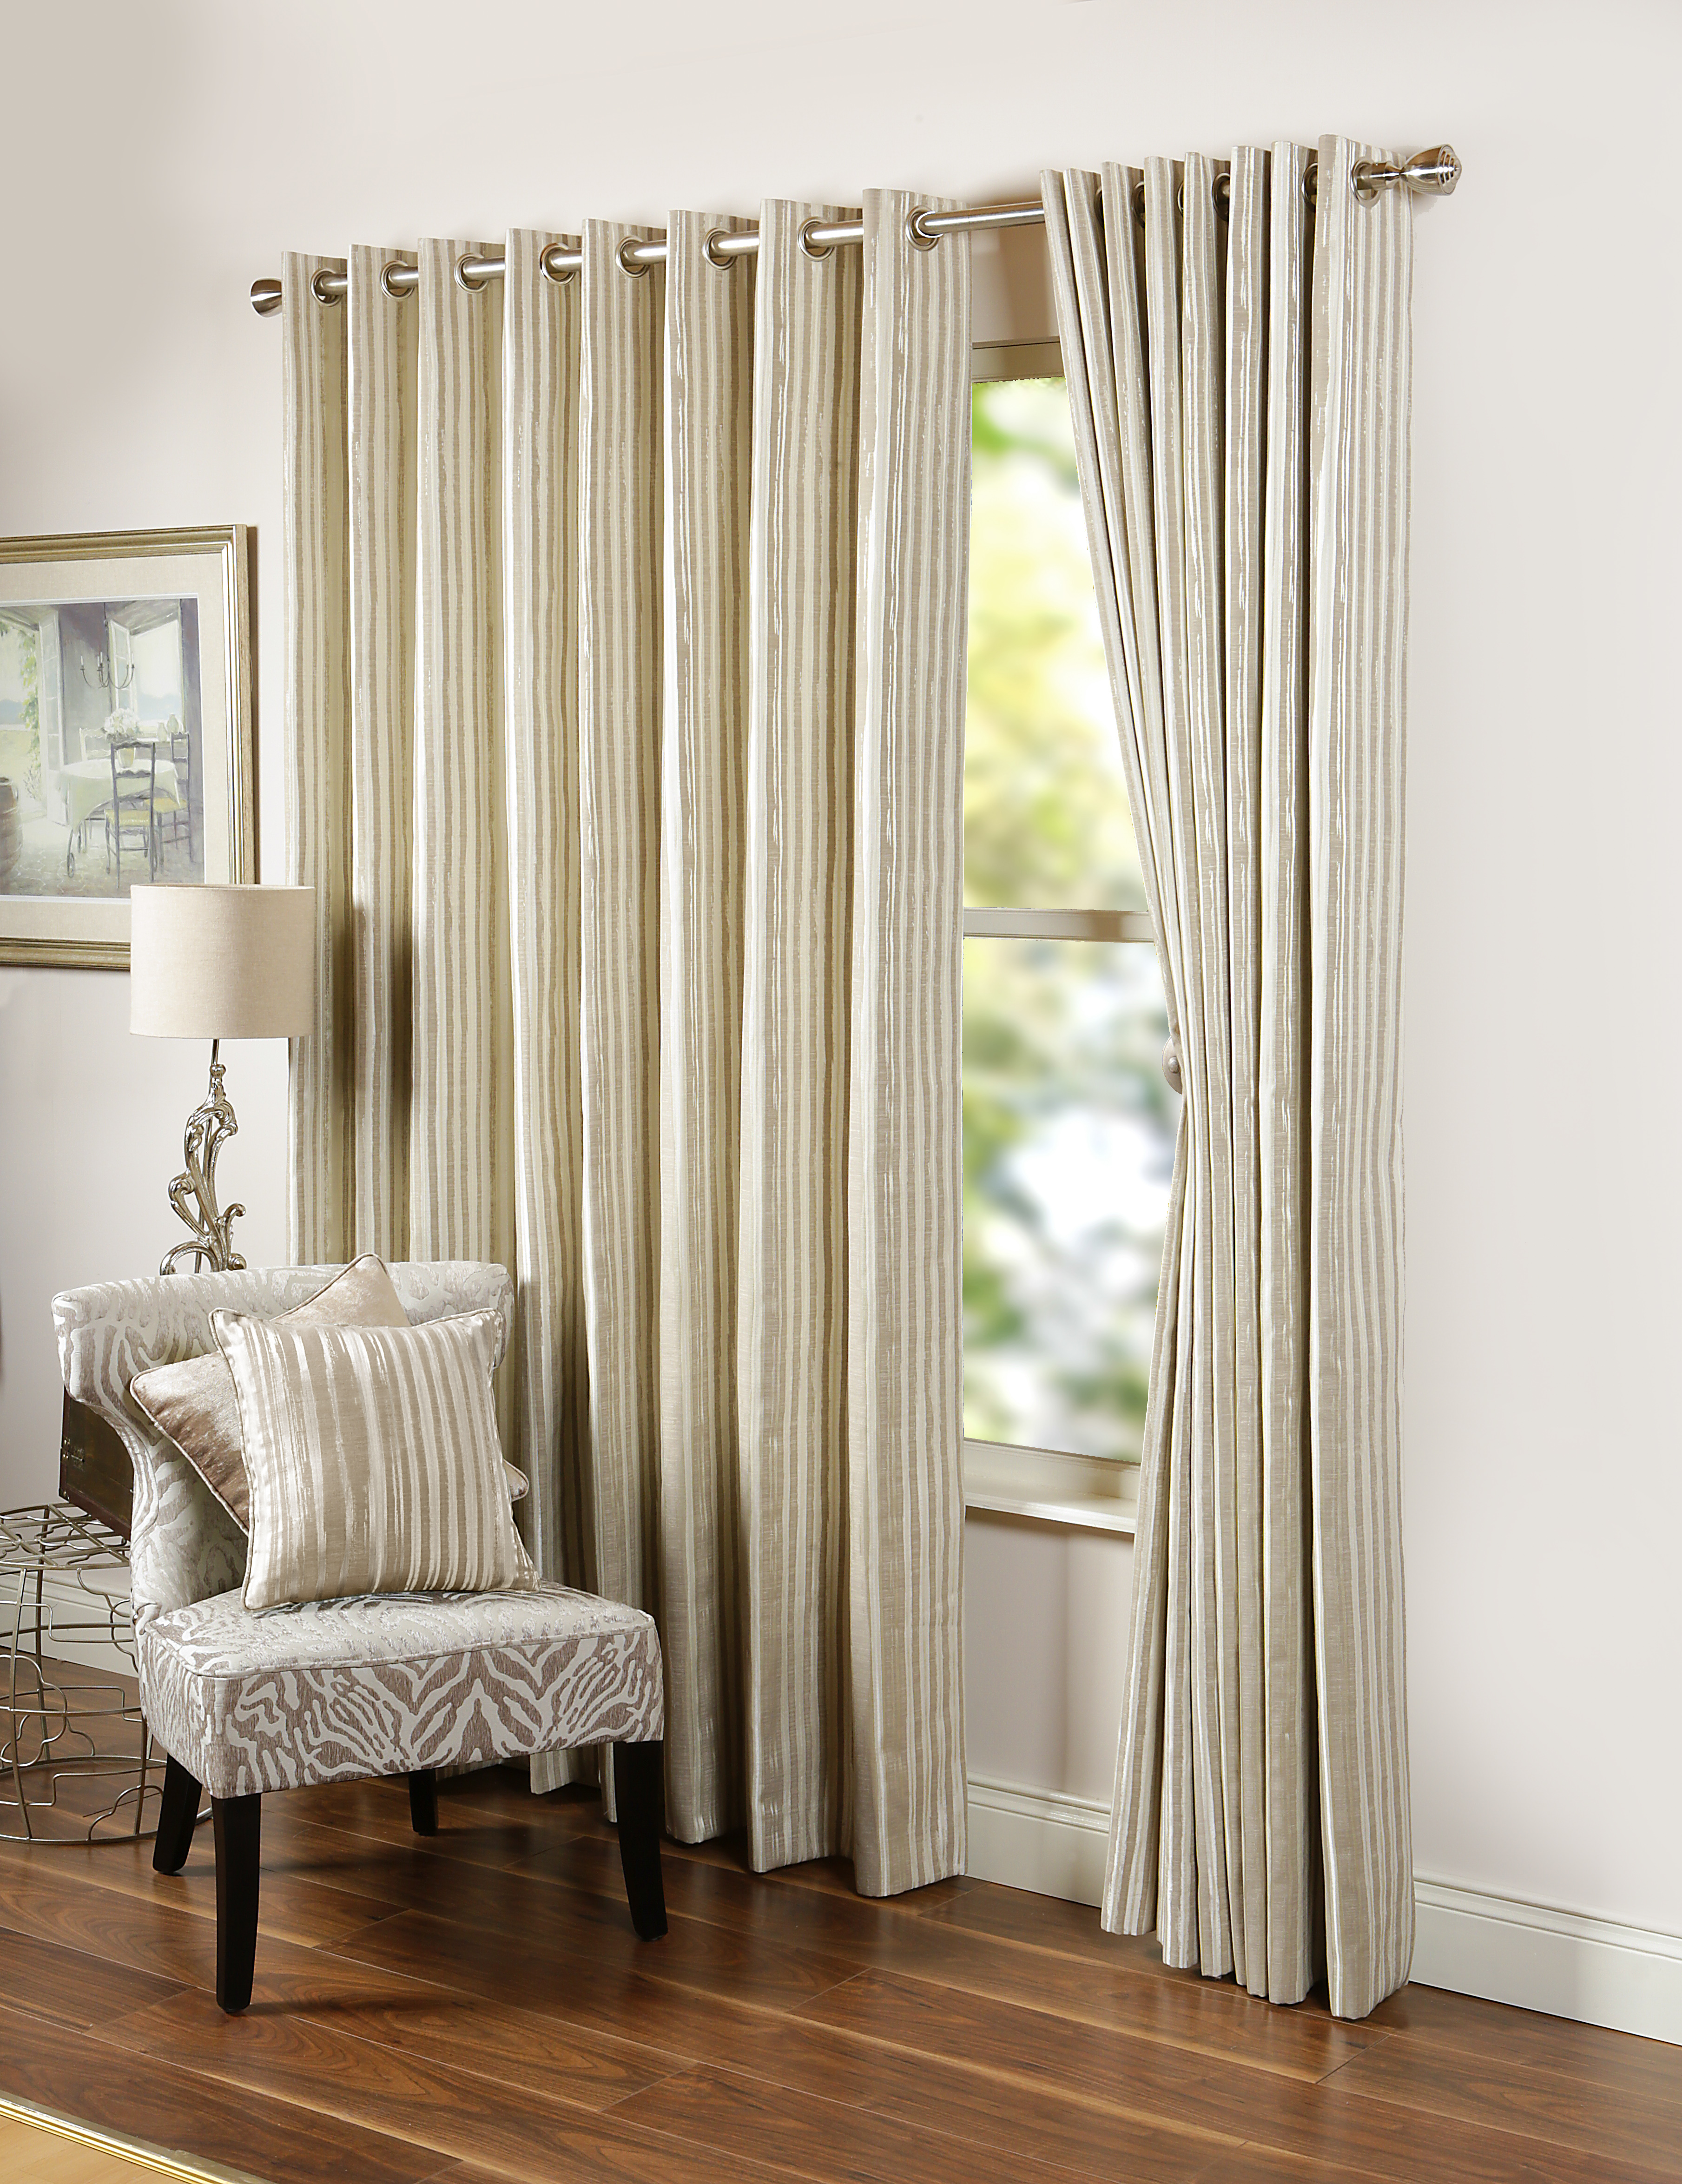 Dawn Natural Eyelet Curtains